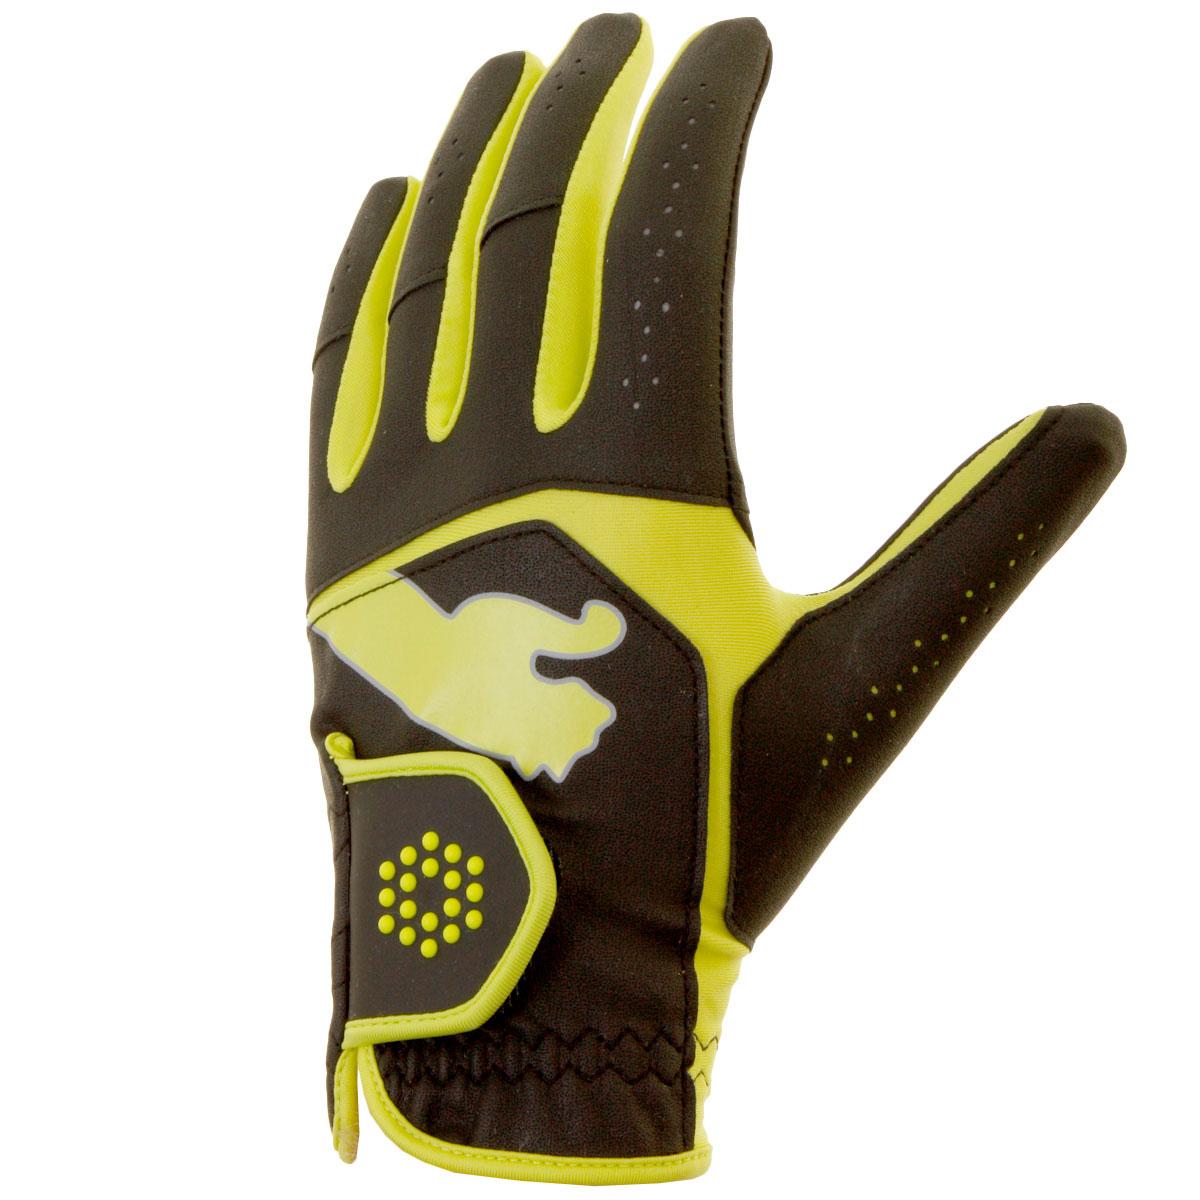 Puma All-Weather pánská golfová rukavice černá rukavice: Levá-ML